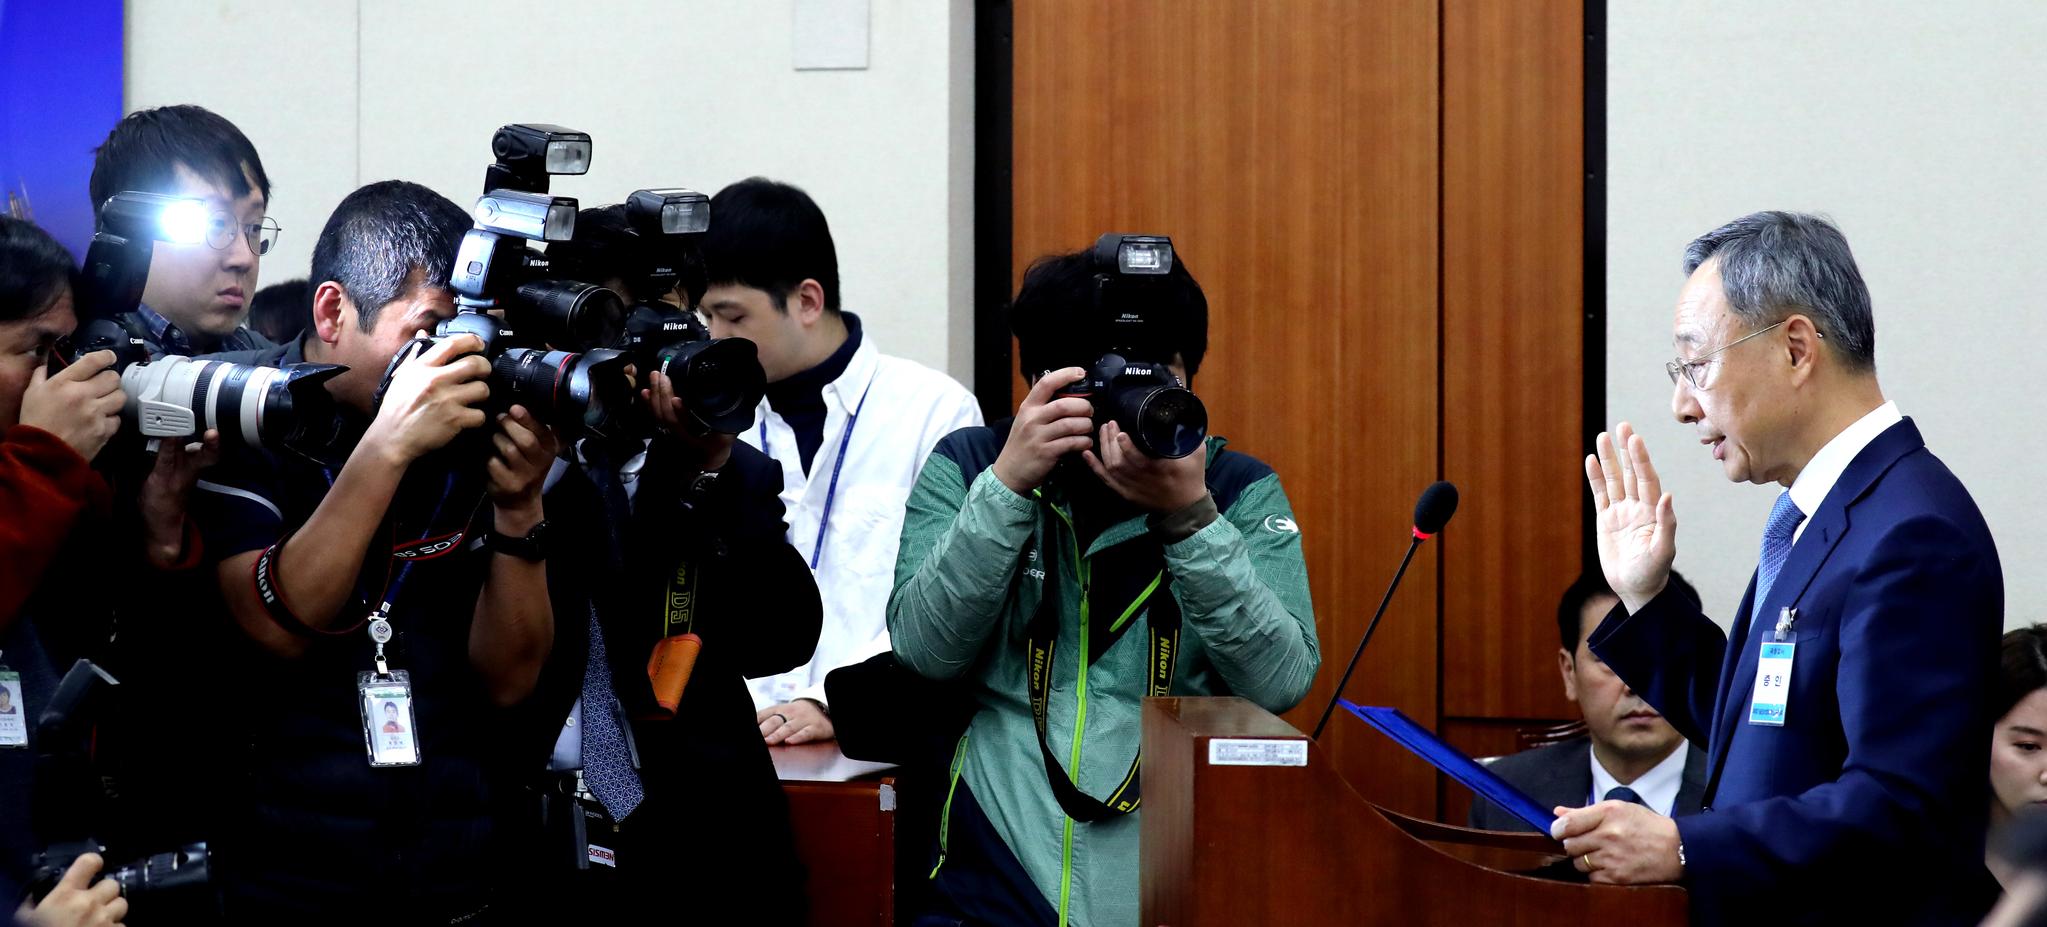 황창규 KT 회장(오른쪽)이 17일 오전 서울 여의도 국회 과학기술정보방송통신위원회에서 열린 청문회에서 선서하고 있다. 김경록 기자